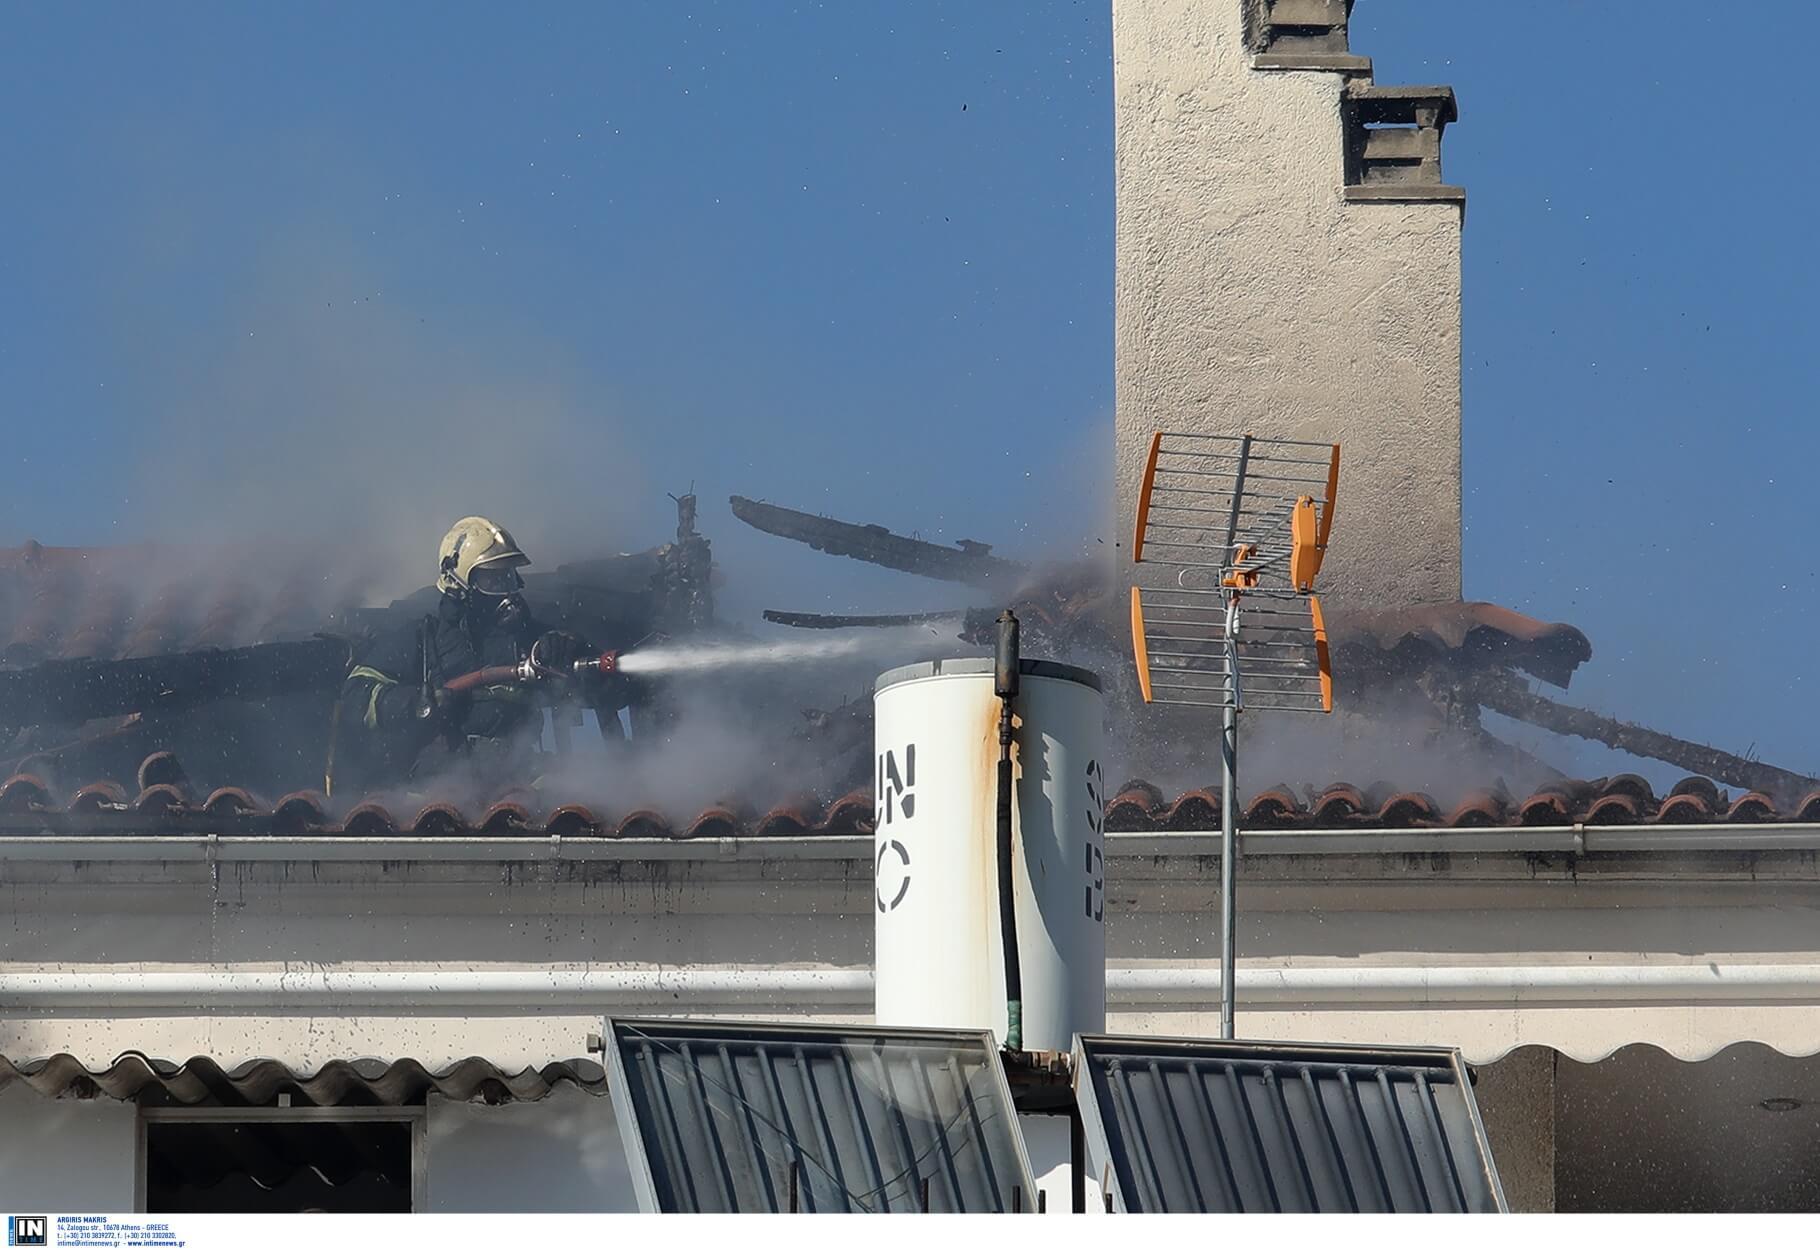 Νέα τραγωδία με απανθρακωμένο άνθρωπο σε σπίτι, αυτή τη φορά στην Αρτέμιδα Αττικής!